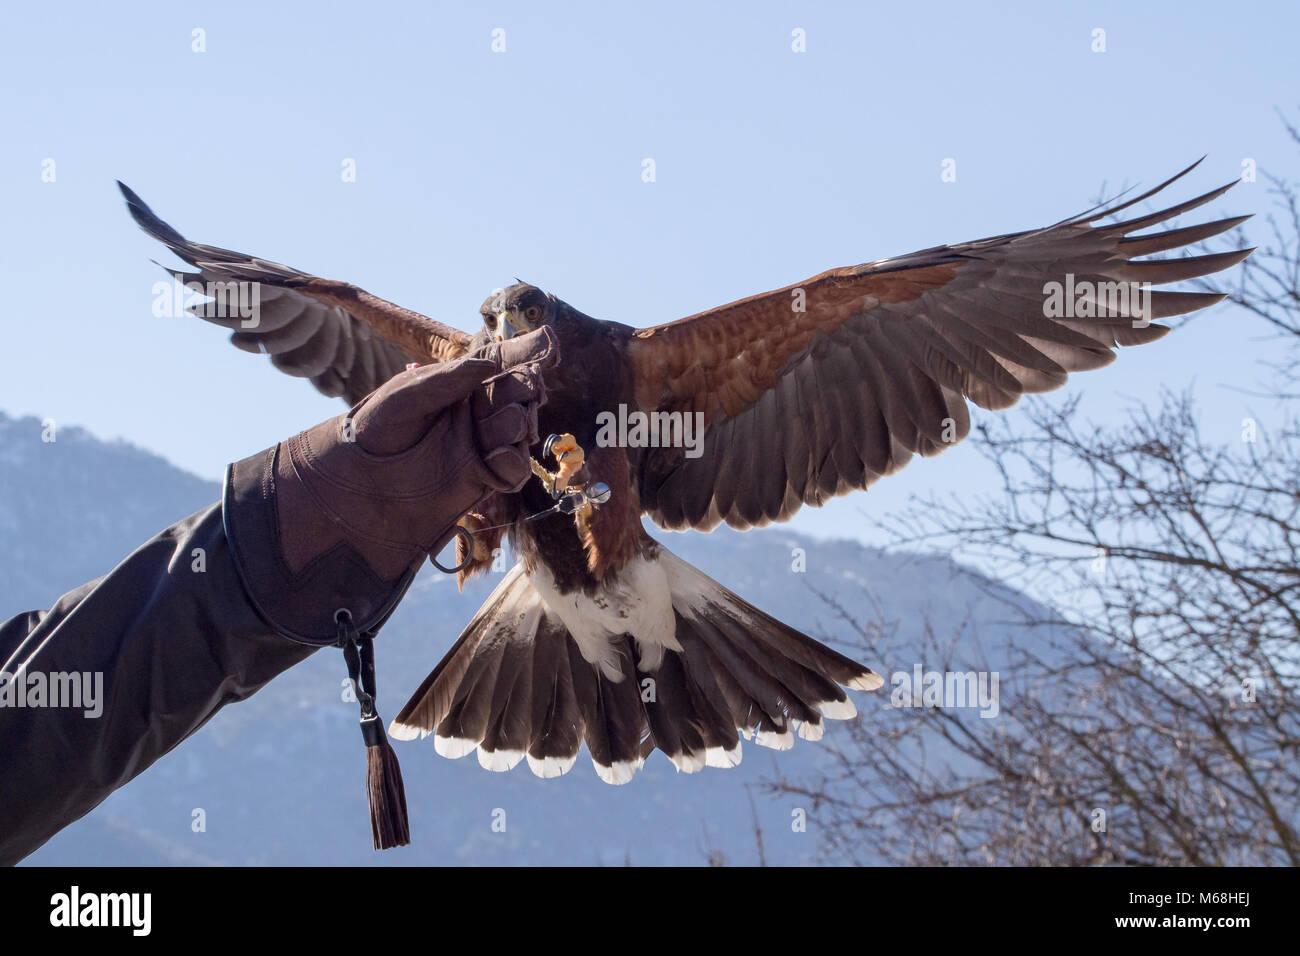 Harris Hawk (Parabuteo unicinctus) Landung in einer Falknerei Handschuh in einer Ausstellung Stockbild